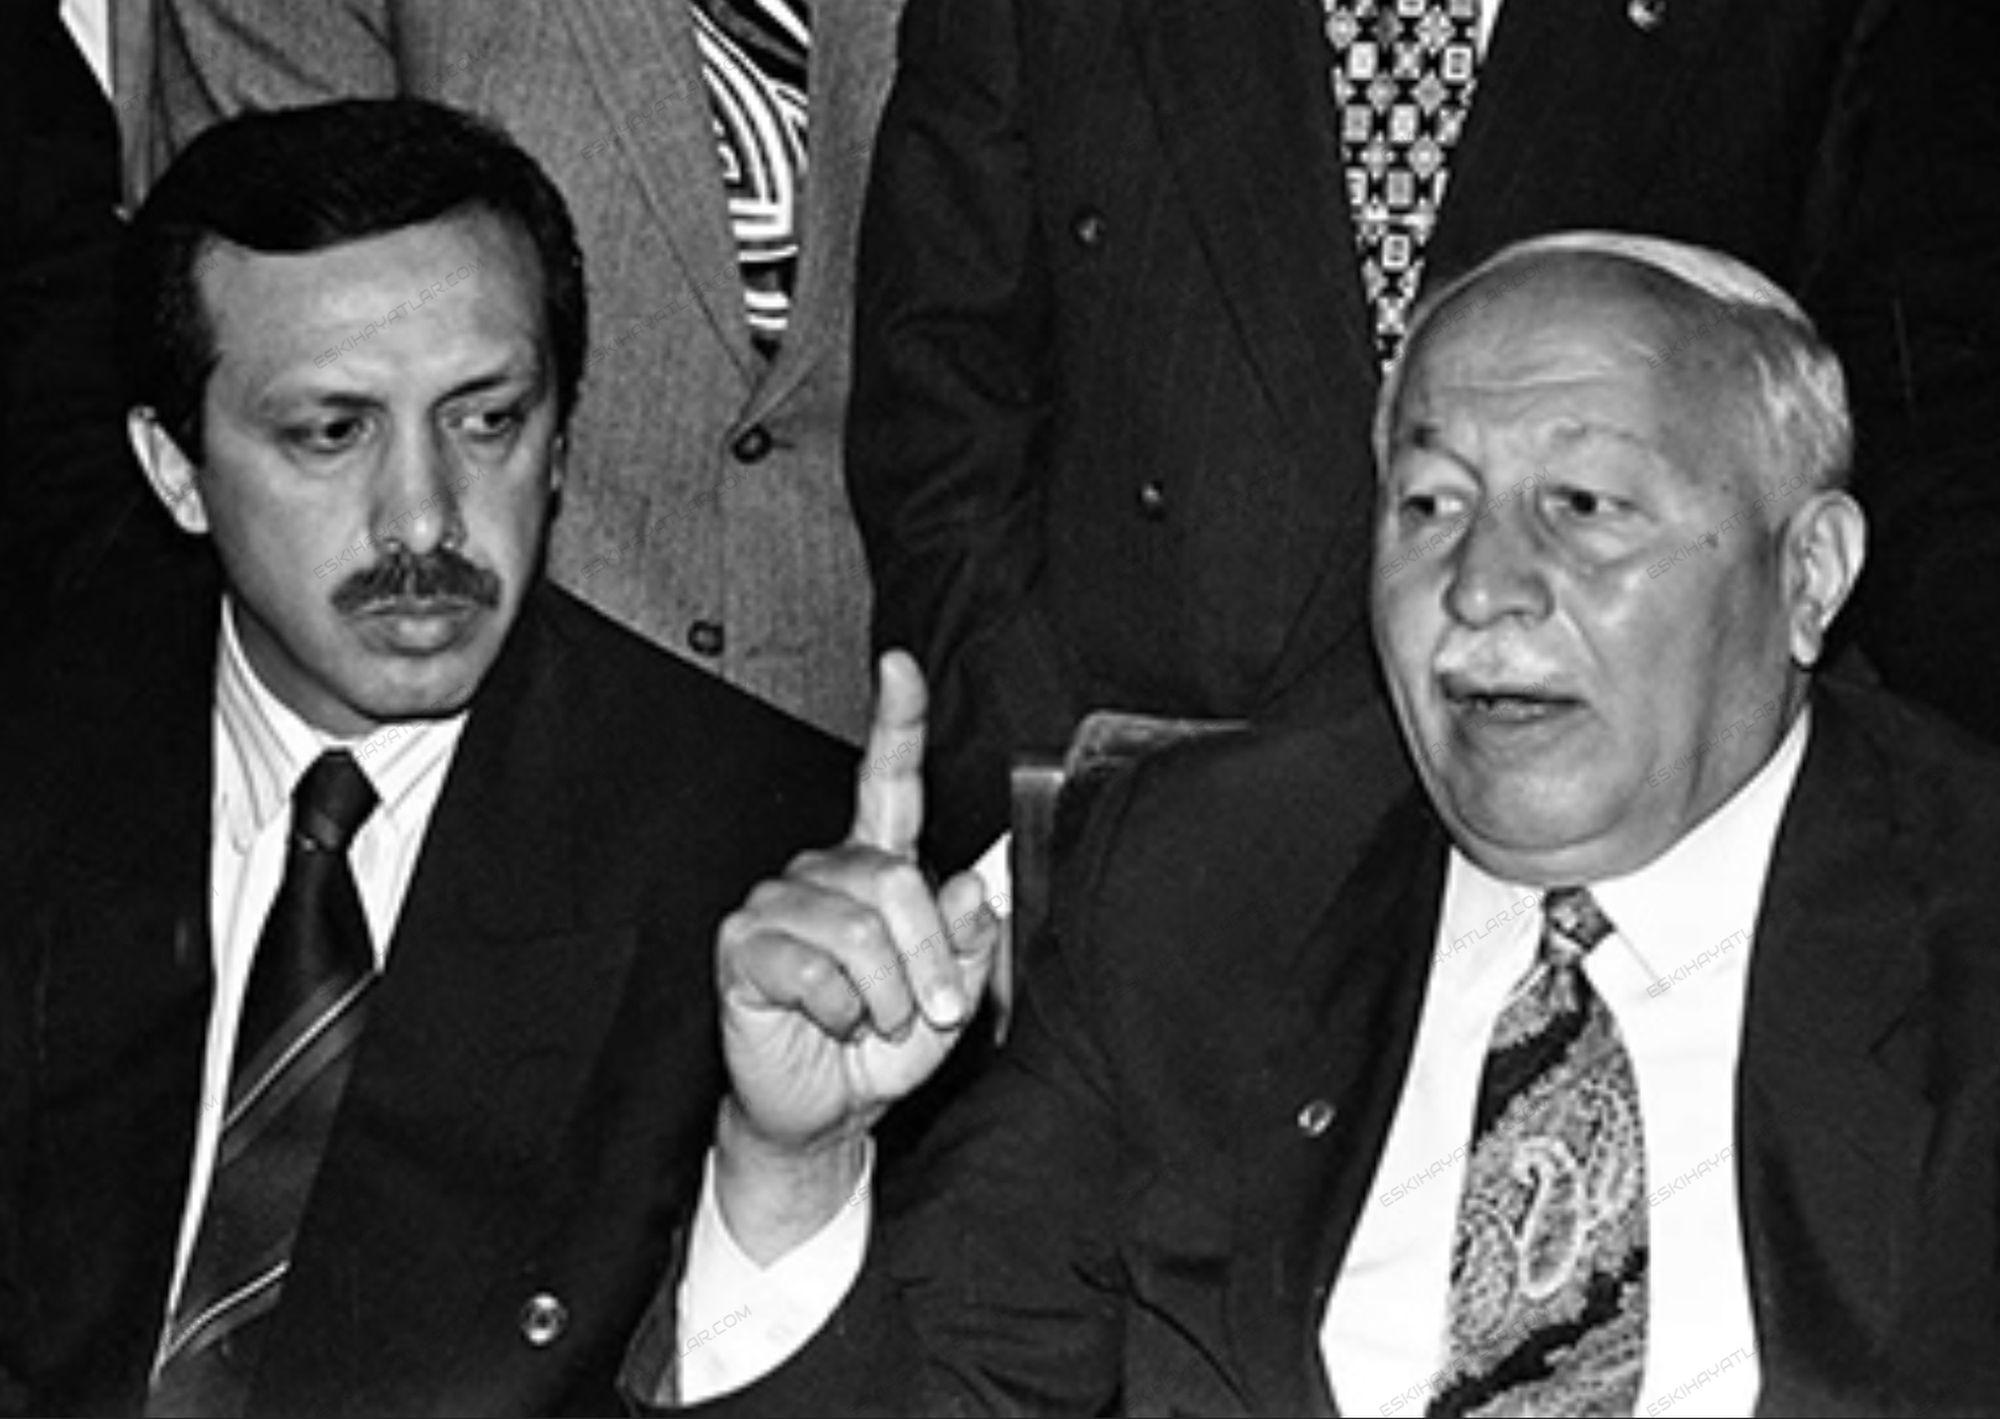 0288-seksenlerde-siyaset-turgut-ozal-erdal-inonu-suleyman-demirel-1986-erkekce-dergisi-murat-karayalcin (00)